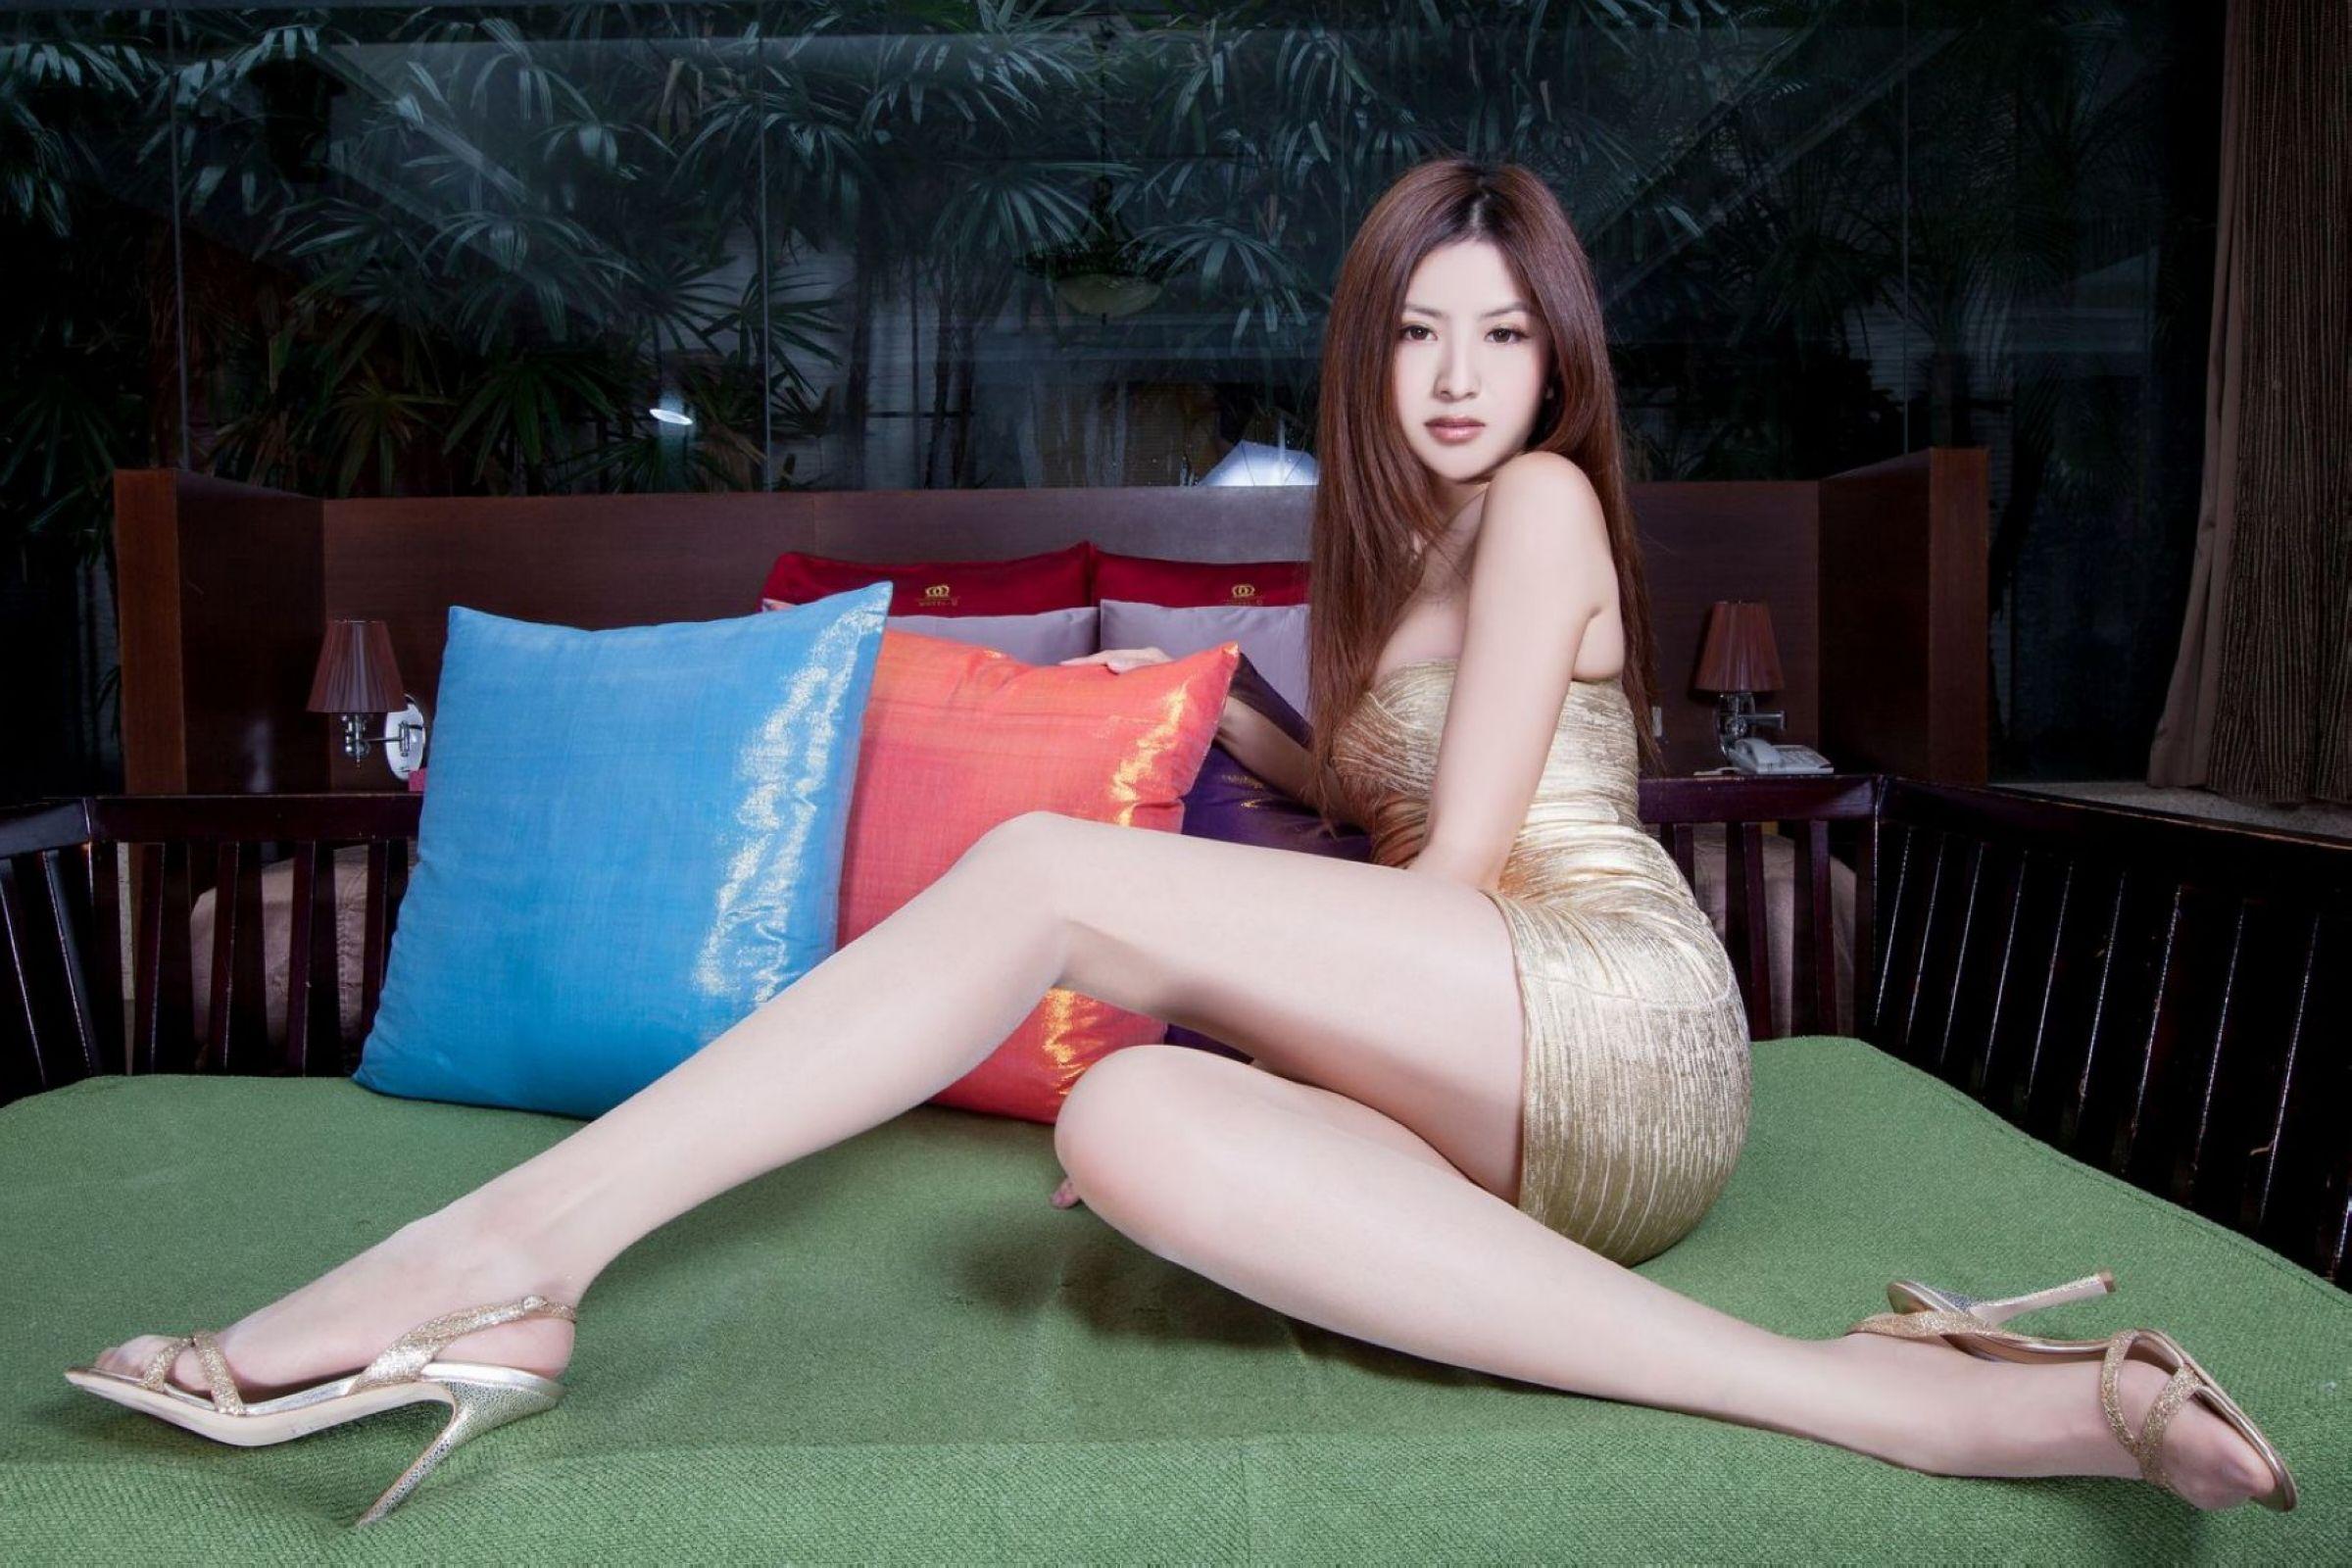 臺灣美女-简晓育2 - 花開有聲 - 花開有聲